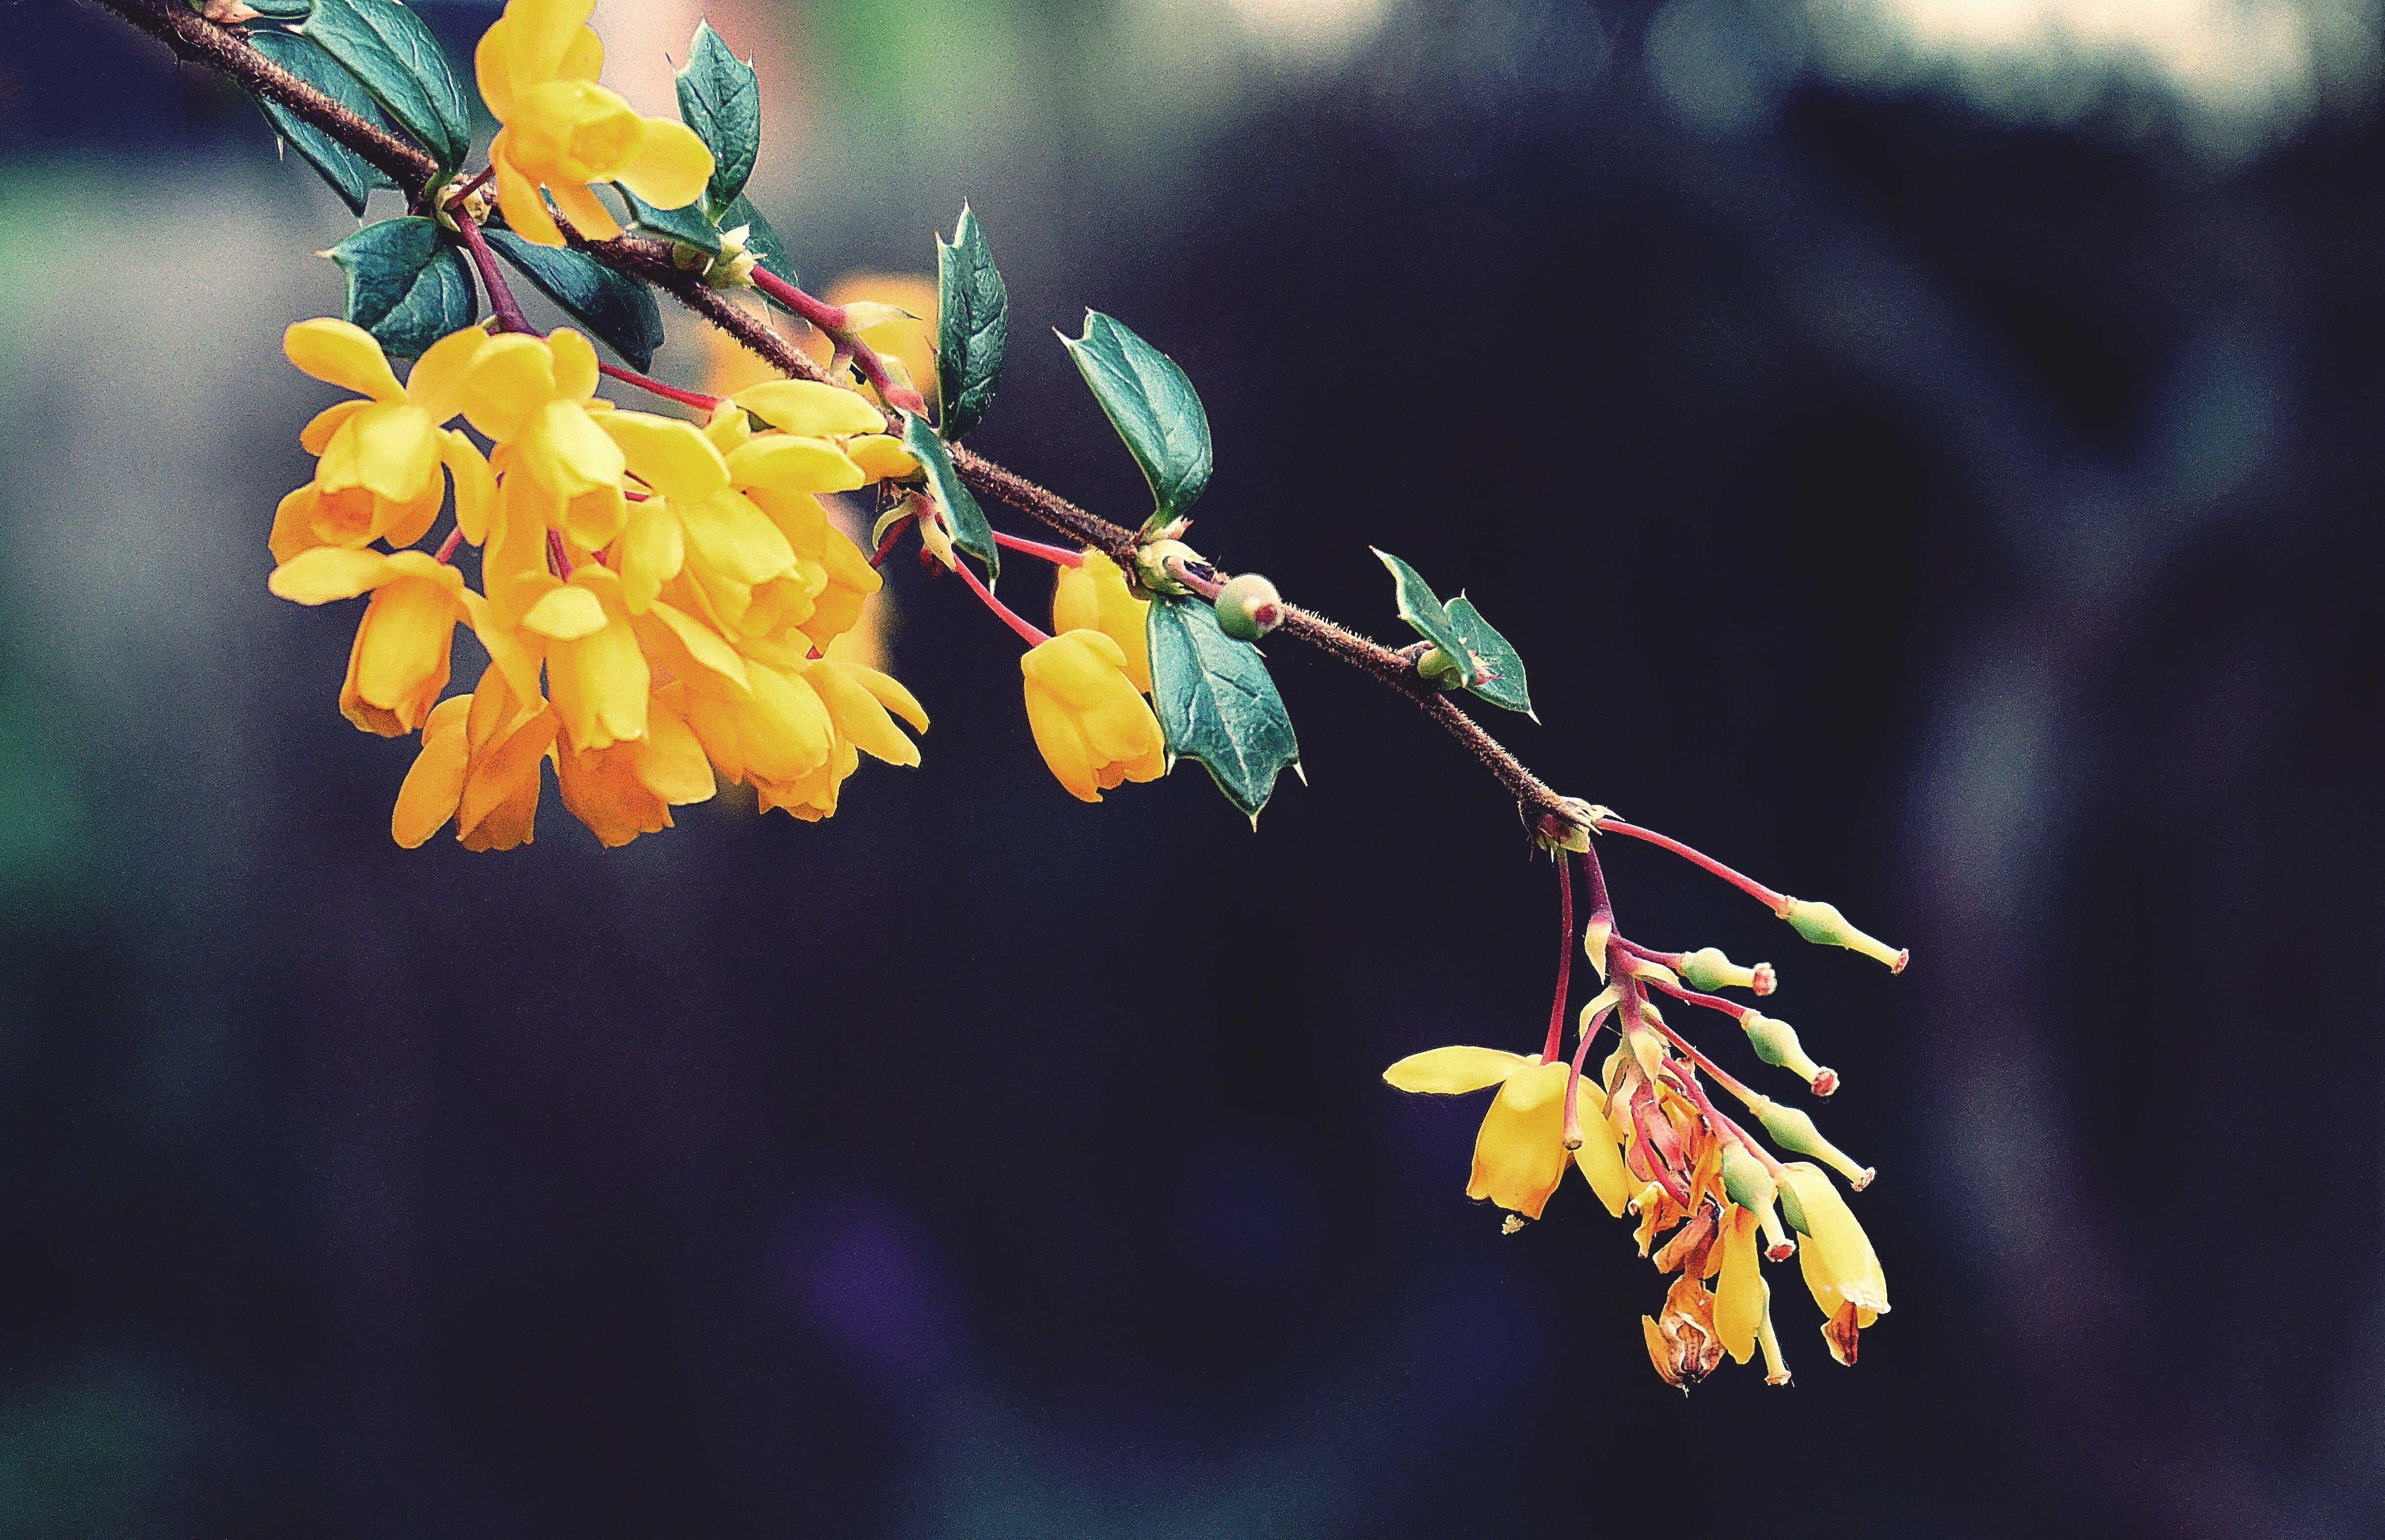 관목, 꽃, 꽃무늬, 노란 꽃의 무료 스톡 사진